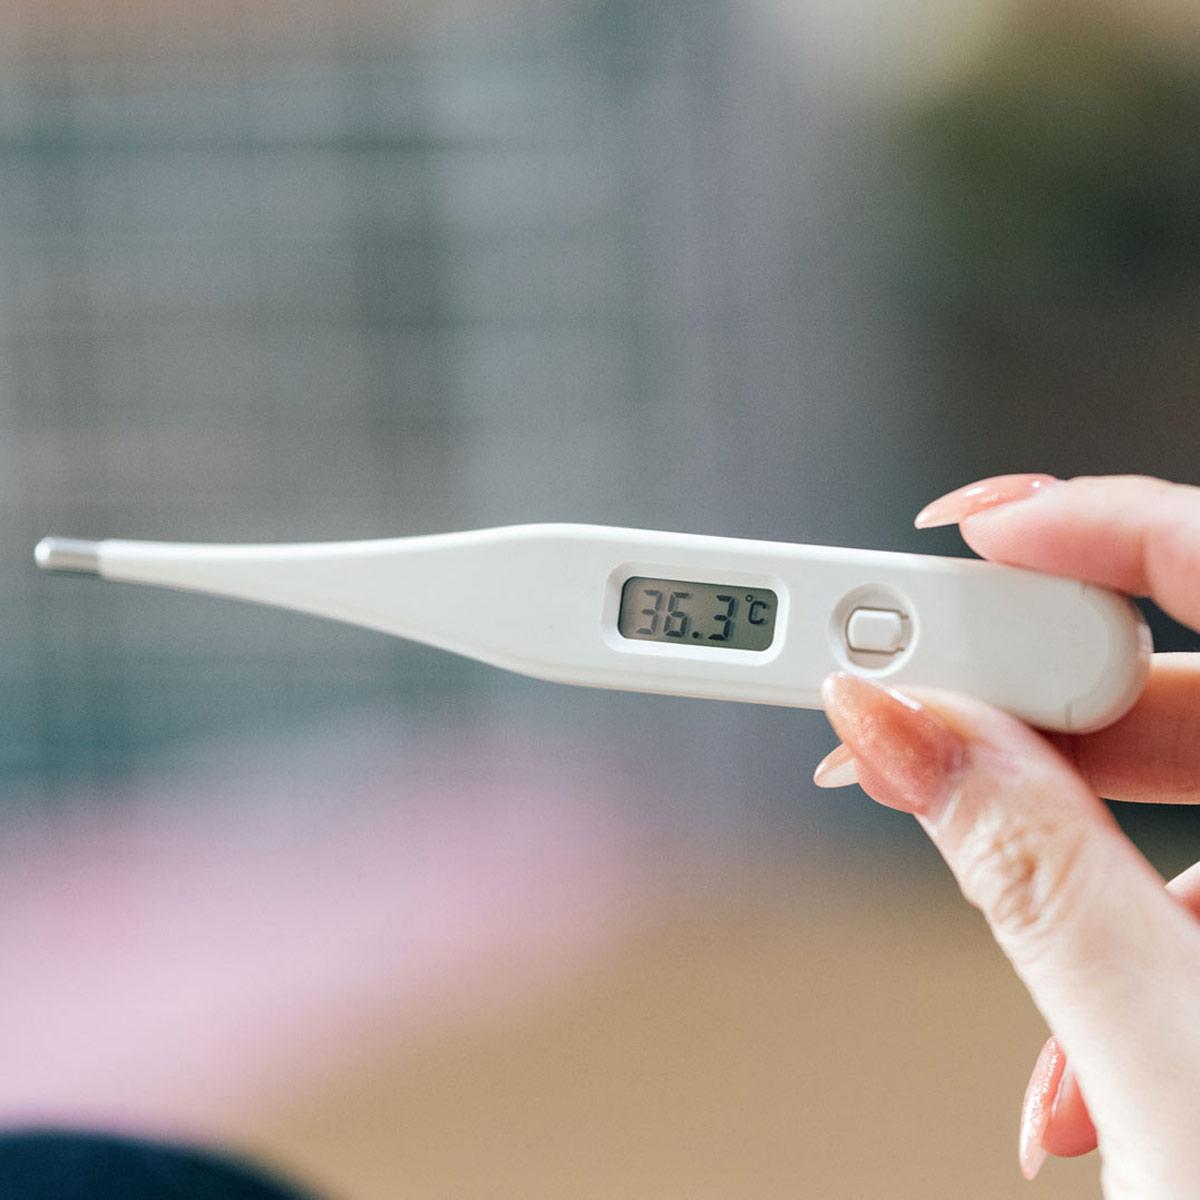 《2020年》体温計のおすすめ15選。衛生的な非接触体温計や正確な基礎体温計も